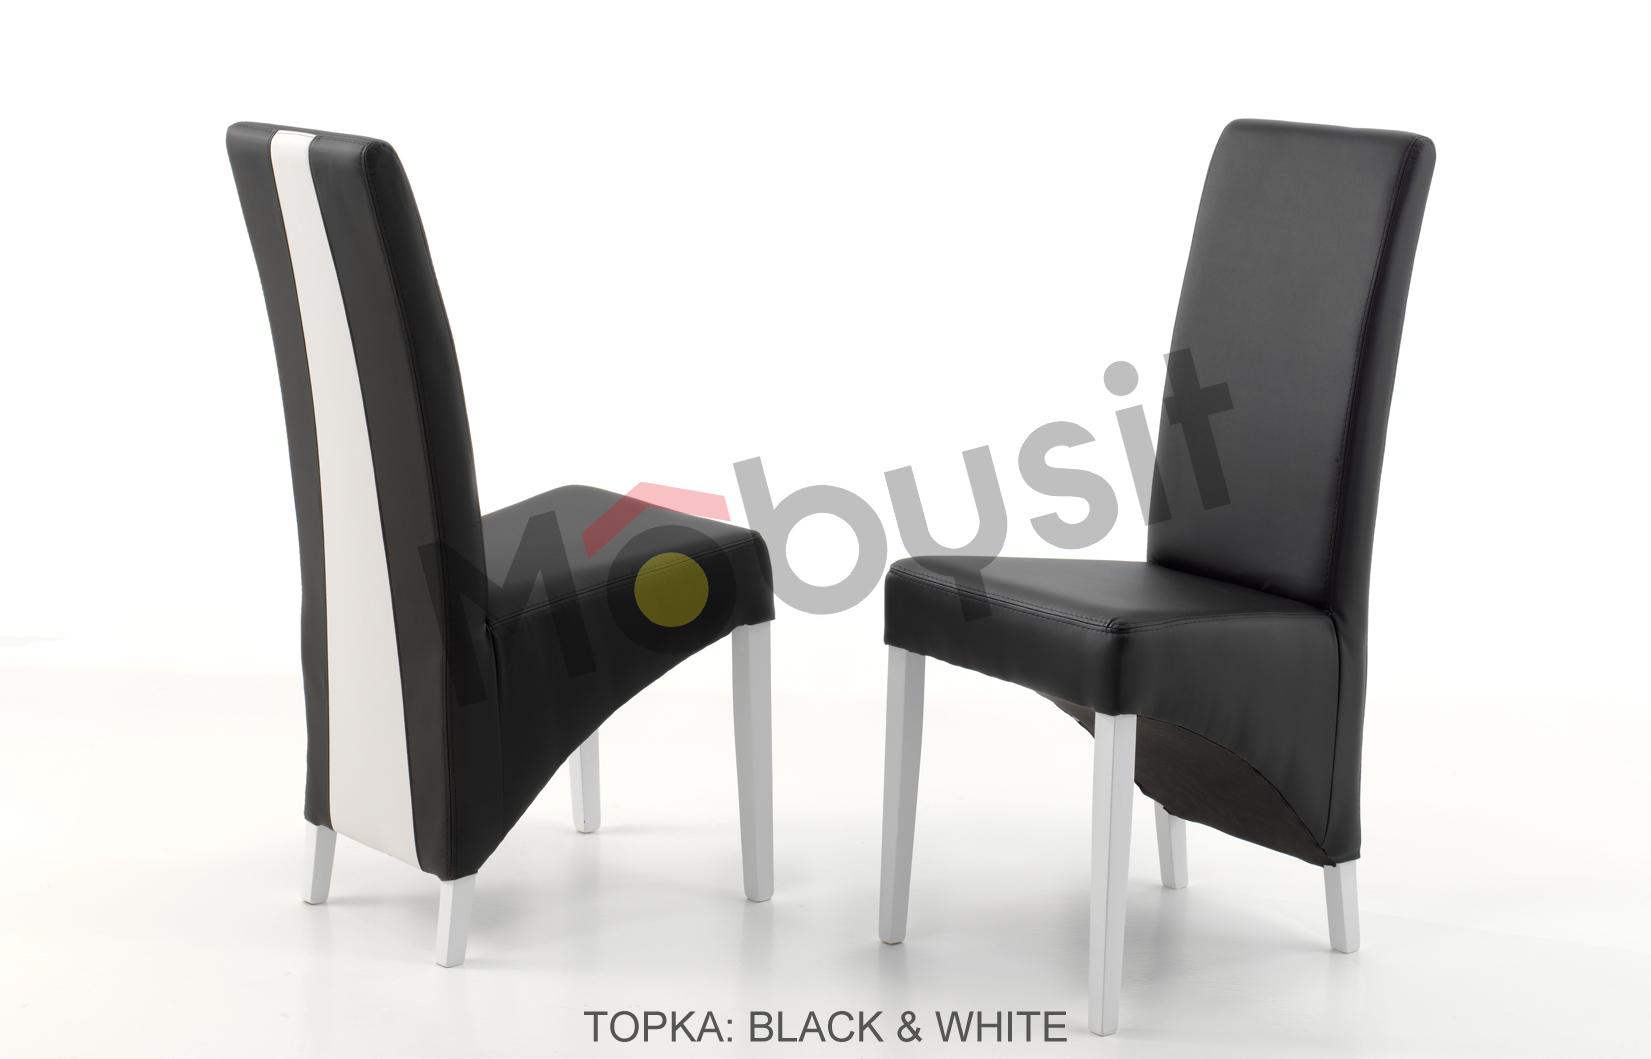 Topka BIG Black & White